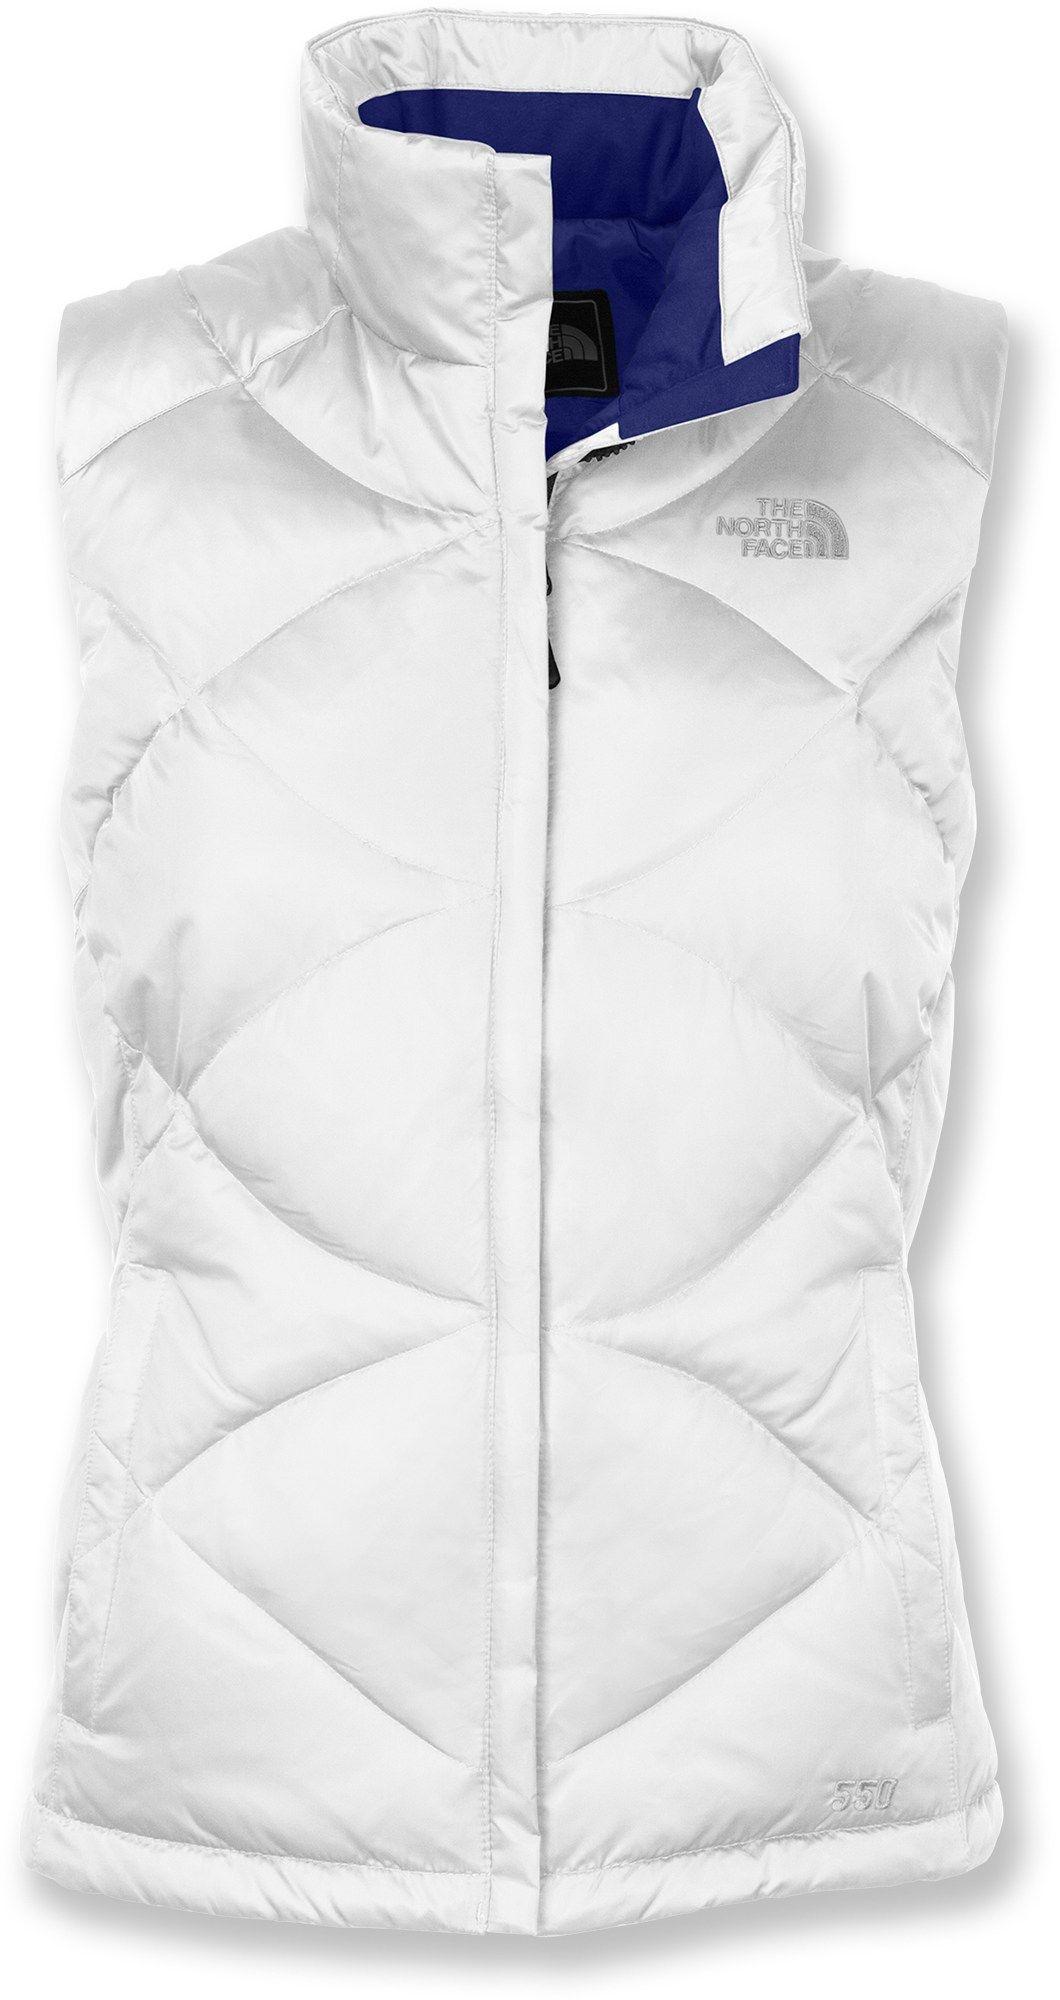 The North Face Aconcagua Vest Women's 2012 Closeout